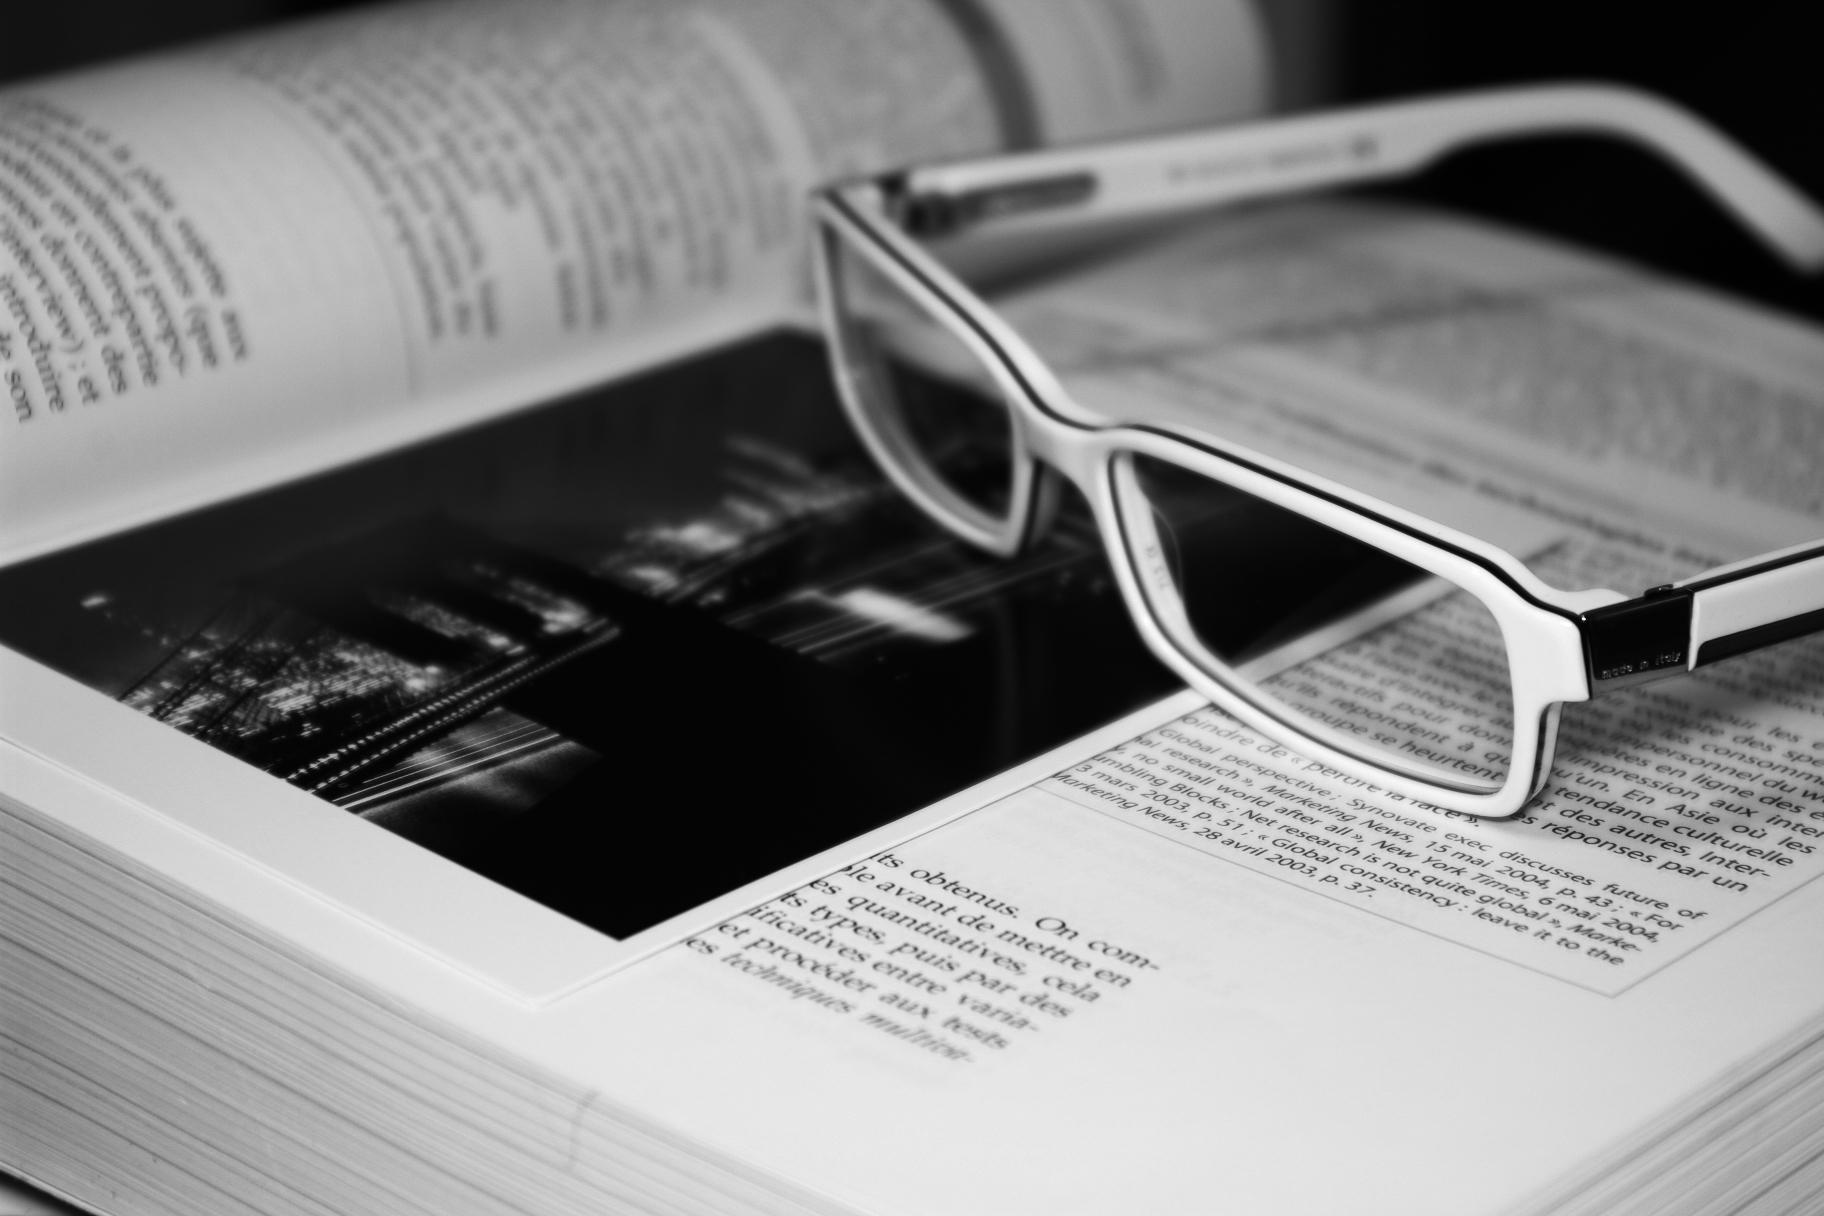 Read a book, Black, Book, Glasses, Lecture, HQ Photo